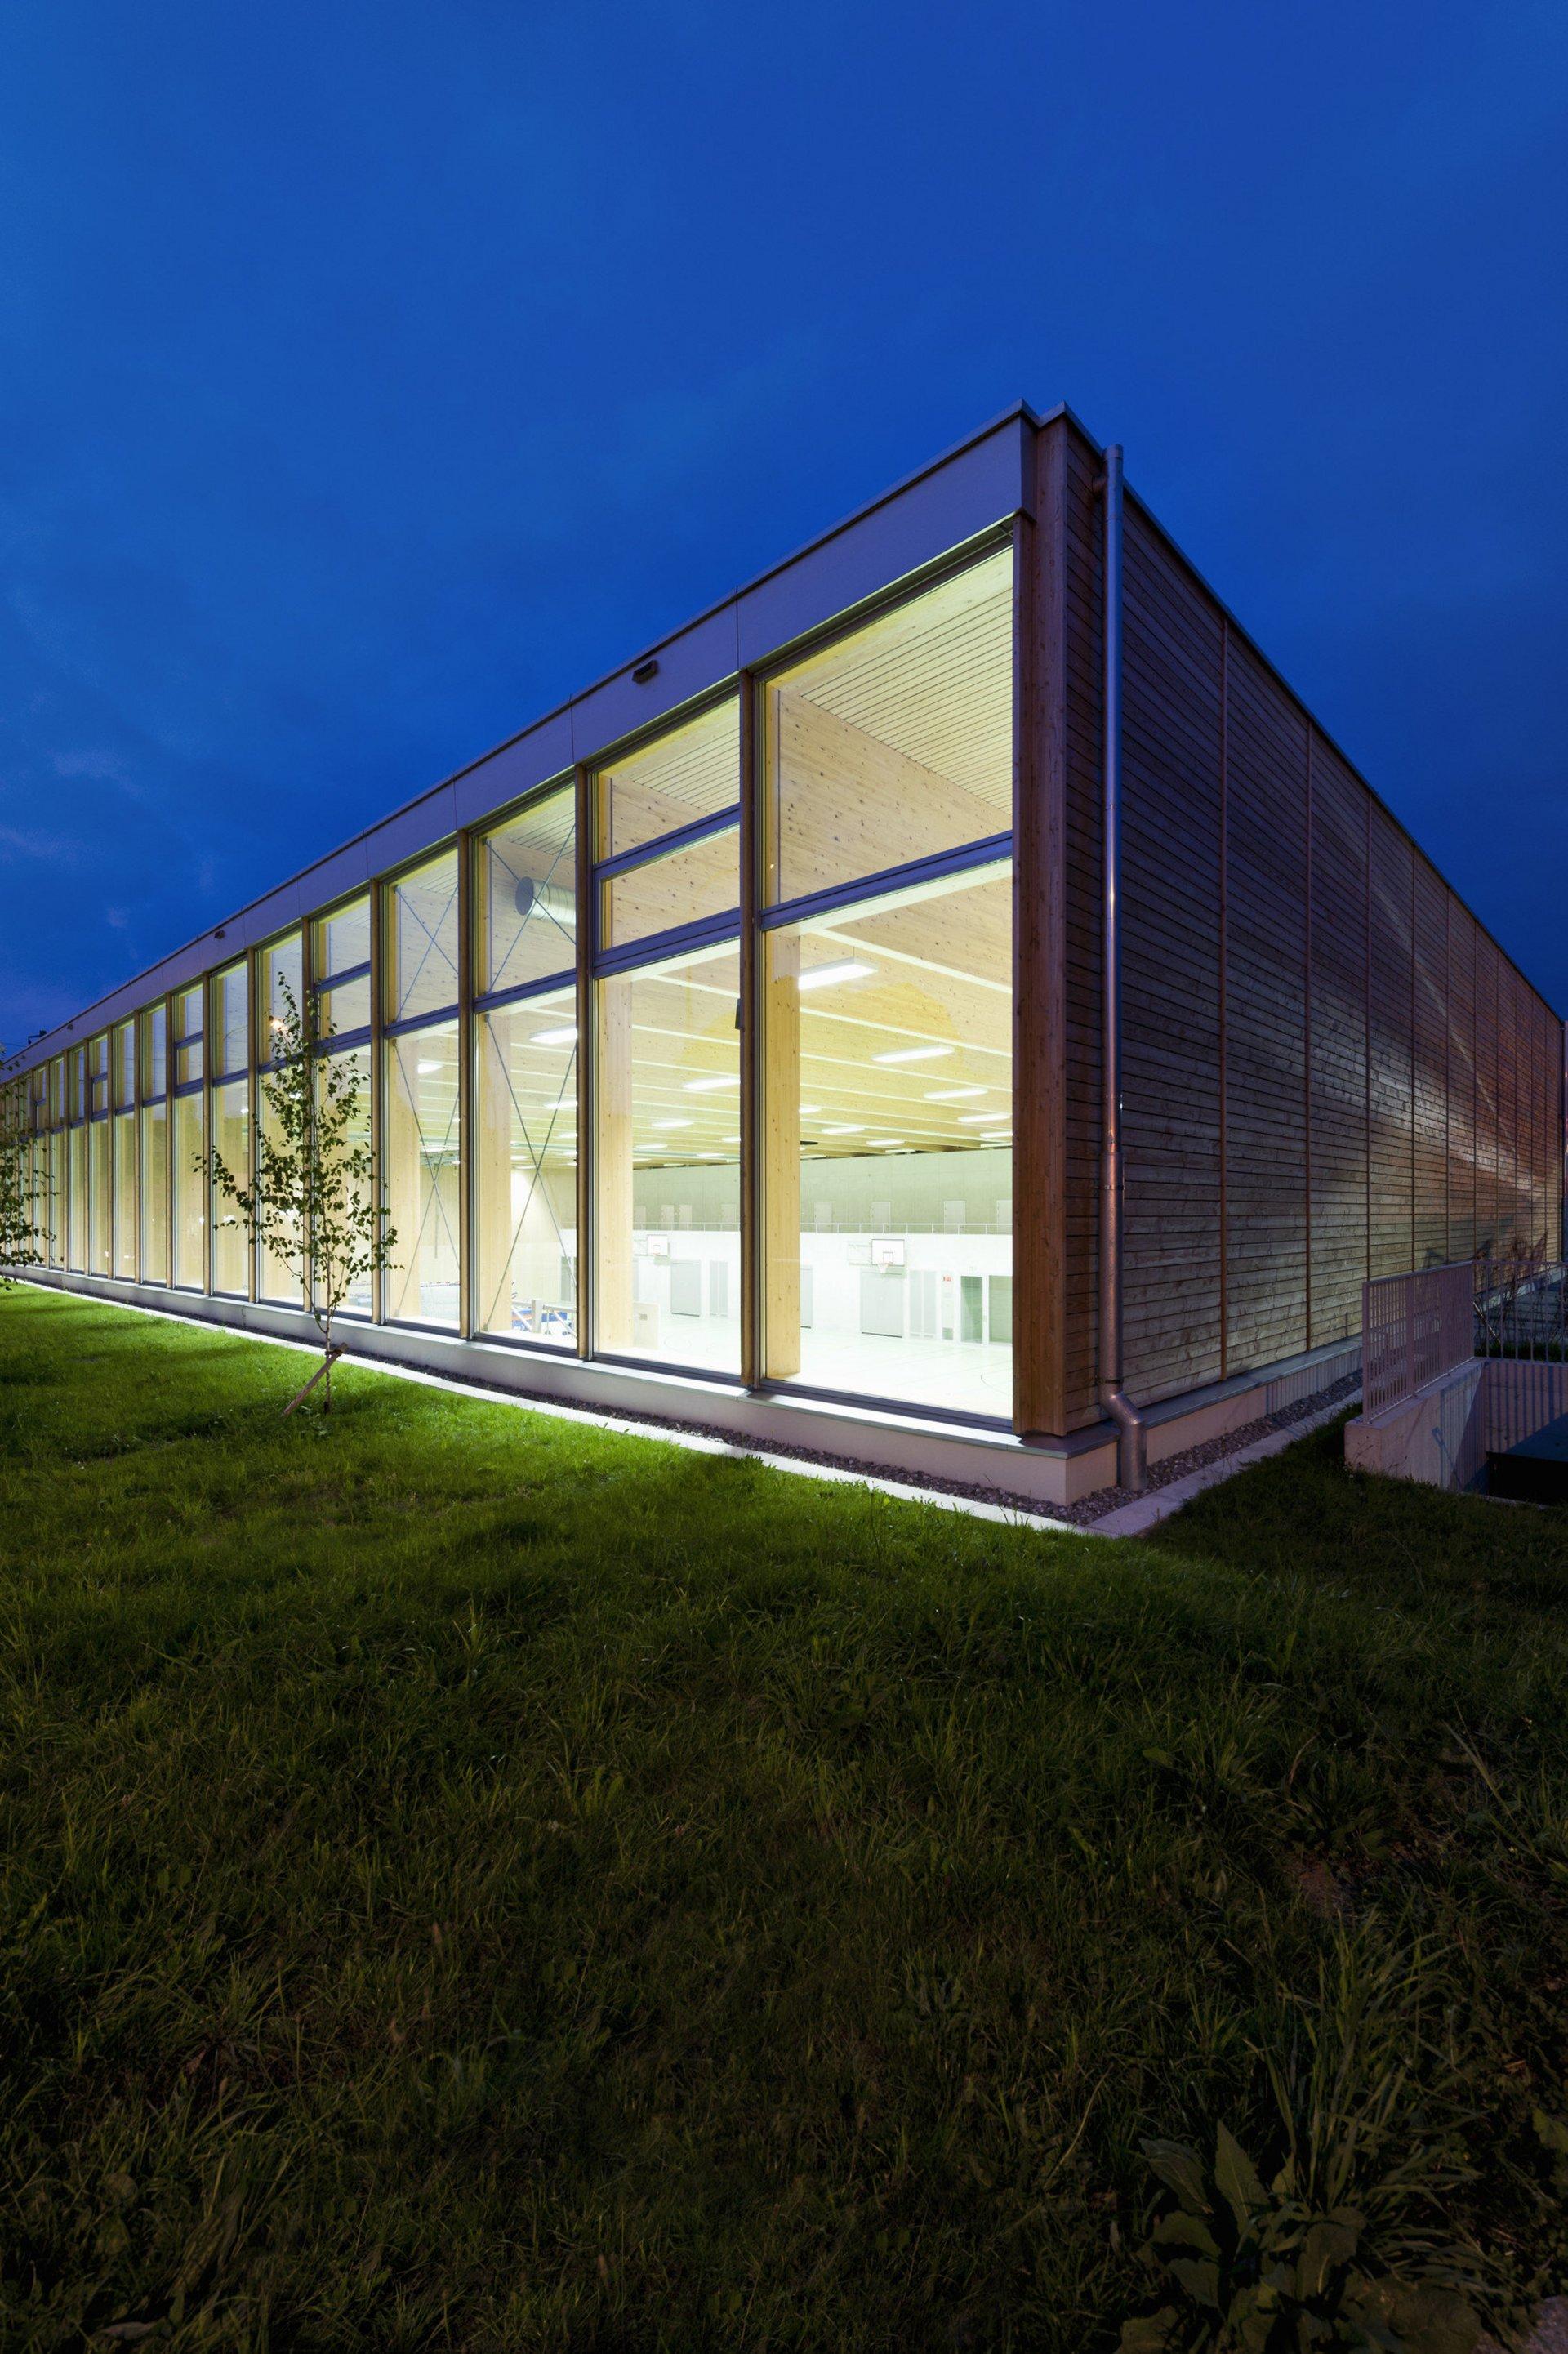 Turnhalle mit Fensterfassade bei Nacht von innen beleuchtet